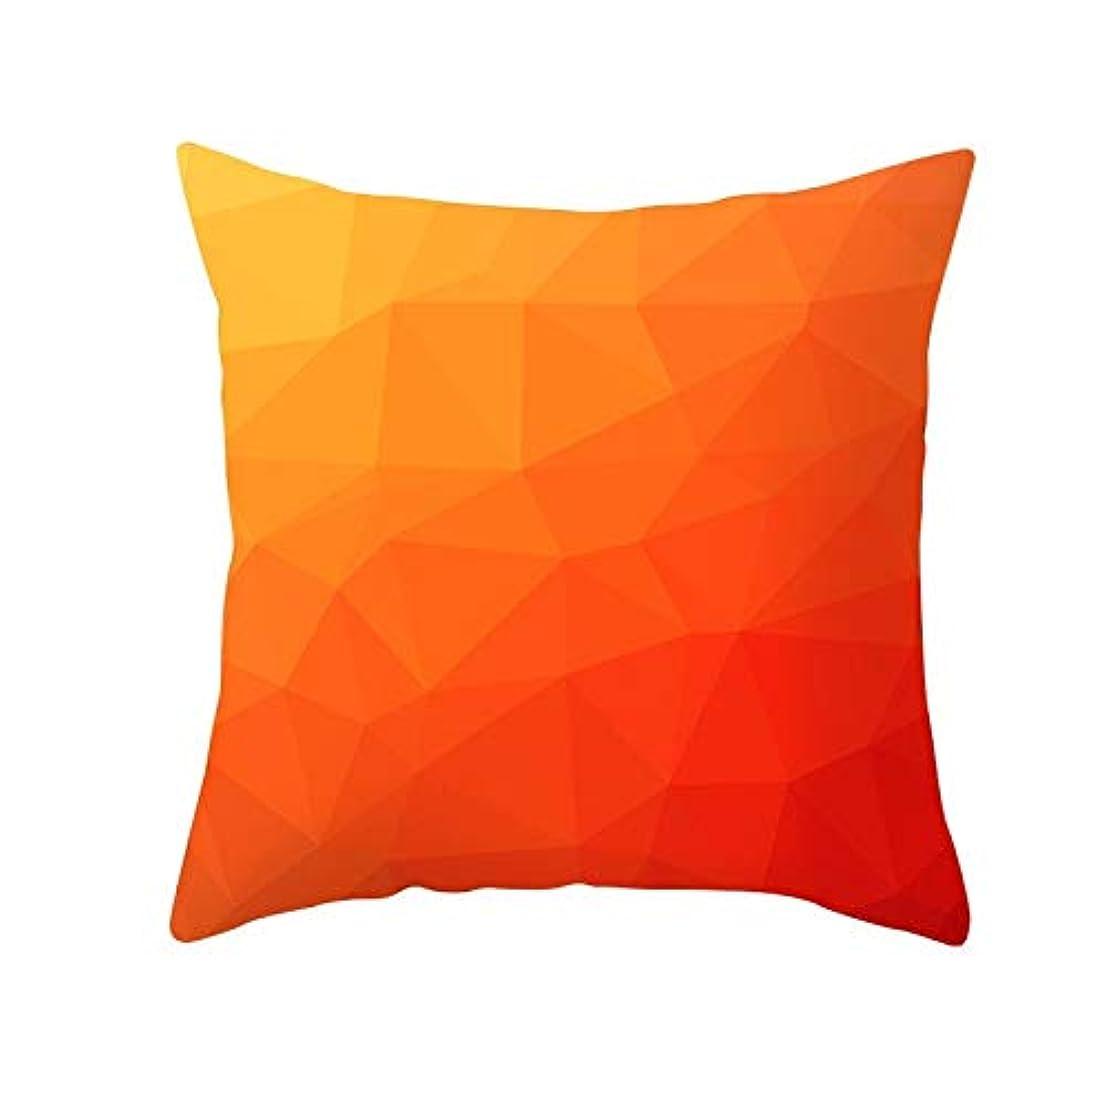 勧告スナック方向LIFE 装飾クッションソファ 幾何学プリントポリエステル正方形の枕ソファスロークッション家の装飾 coussin デ長椅子 クッション 椅子